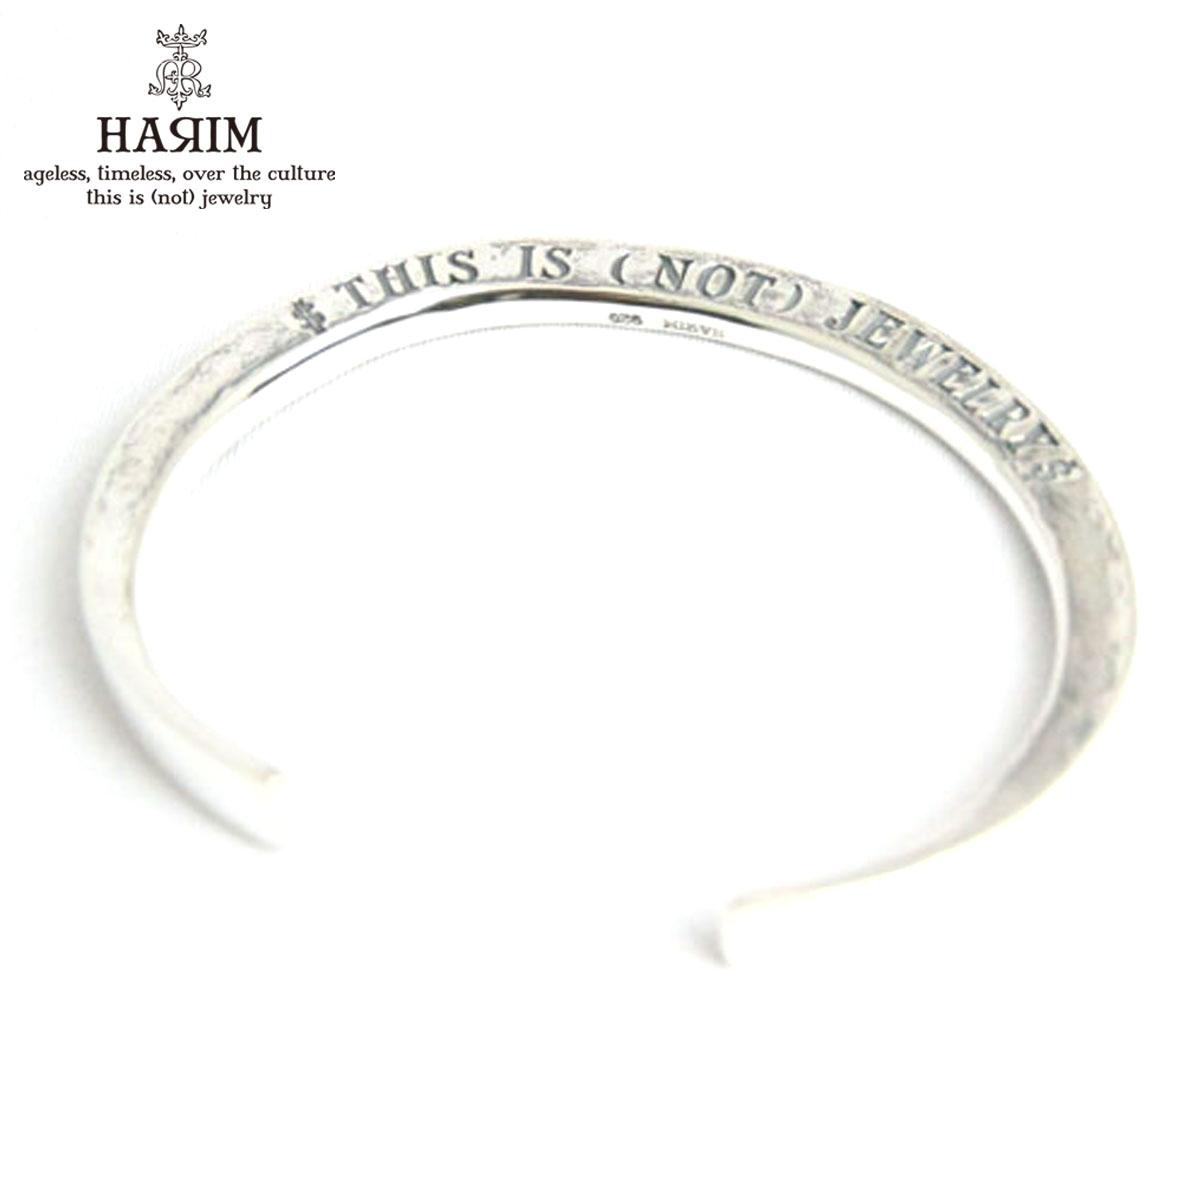 ハリム HARIM 正規販売店 バングル HARIM concept bangle Silver BANGLE HRA021SV